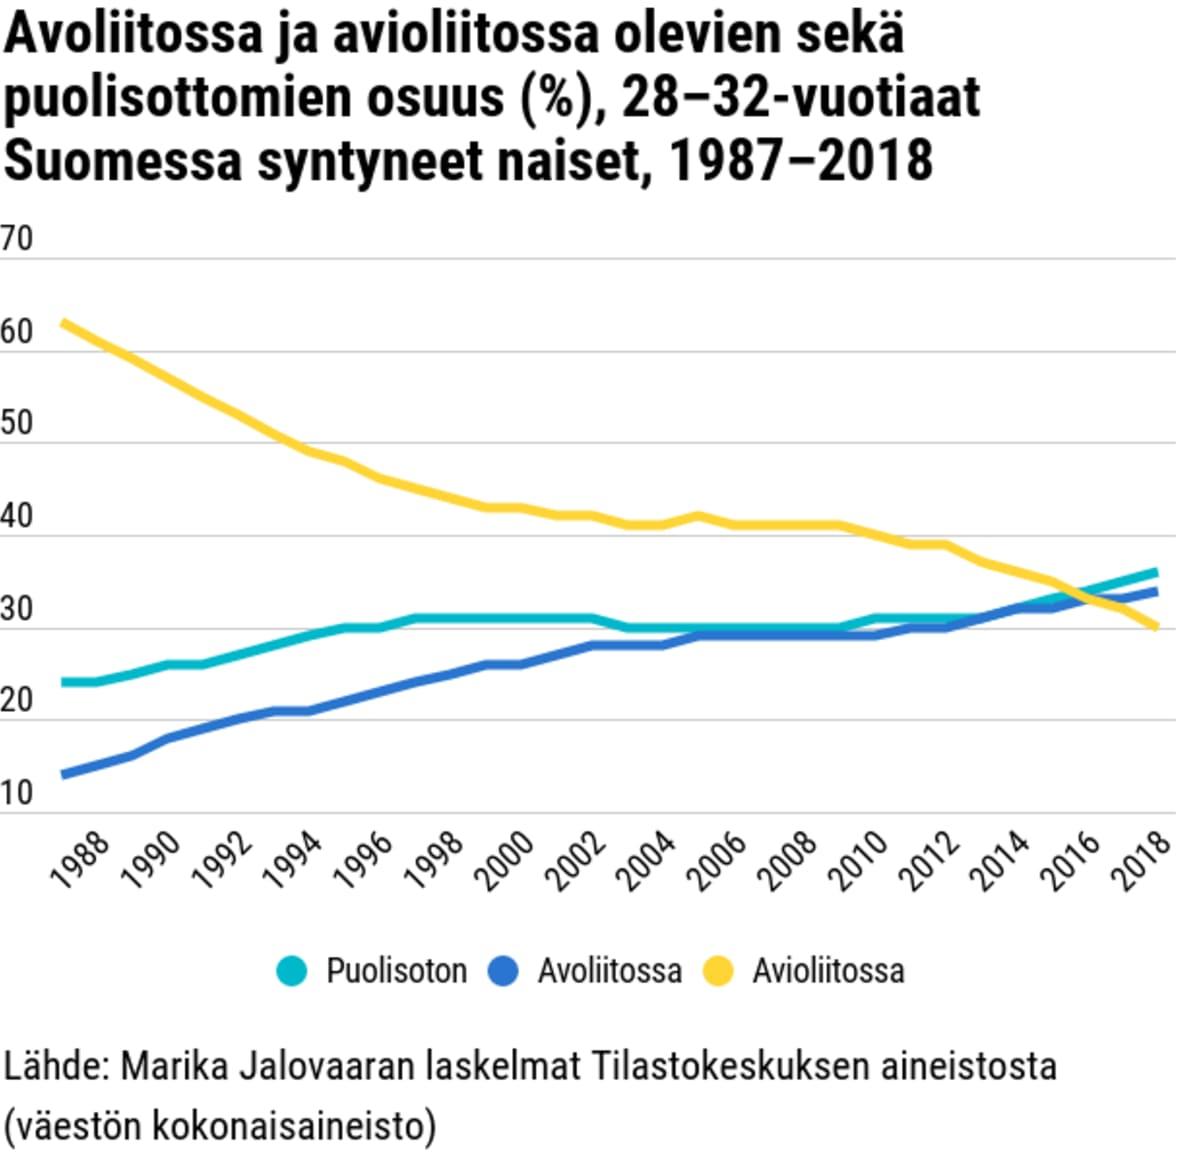 Avoliitossa ja avioliitossa olevien sekä puolisottomien osuus (%), 28–32-vuotiaat Suomessa syntyneet naiset, 1987–2018